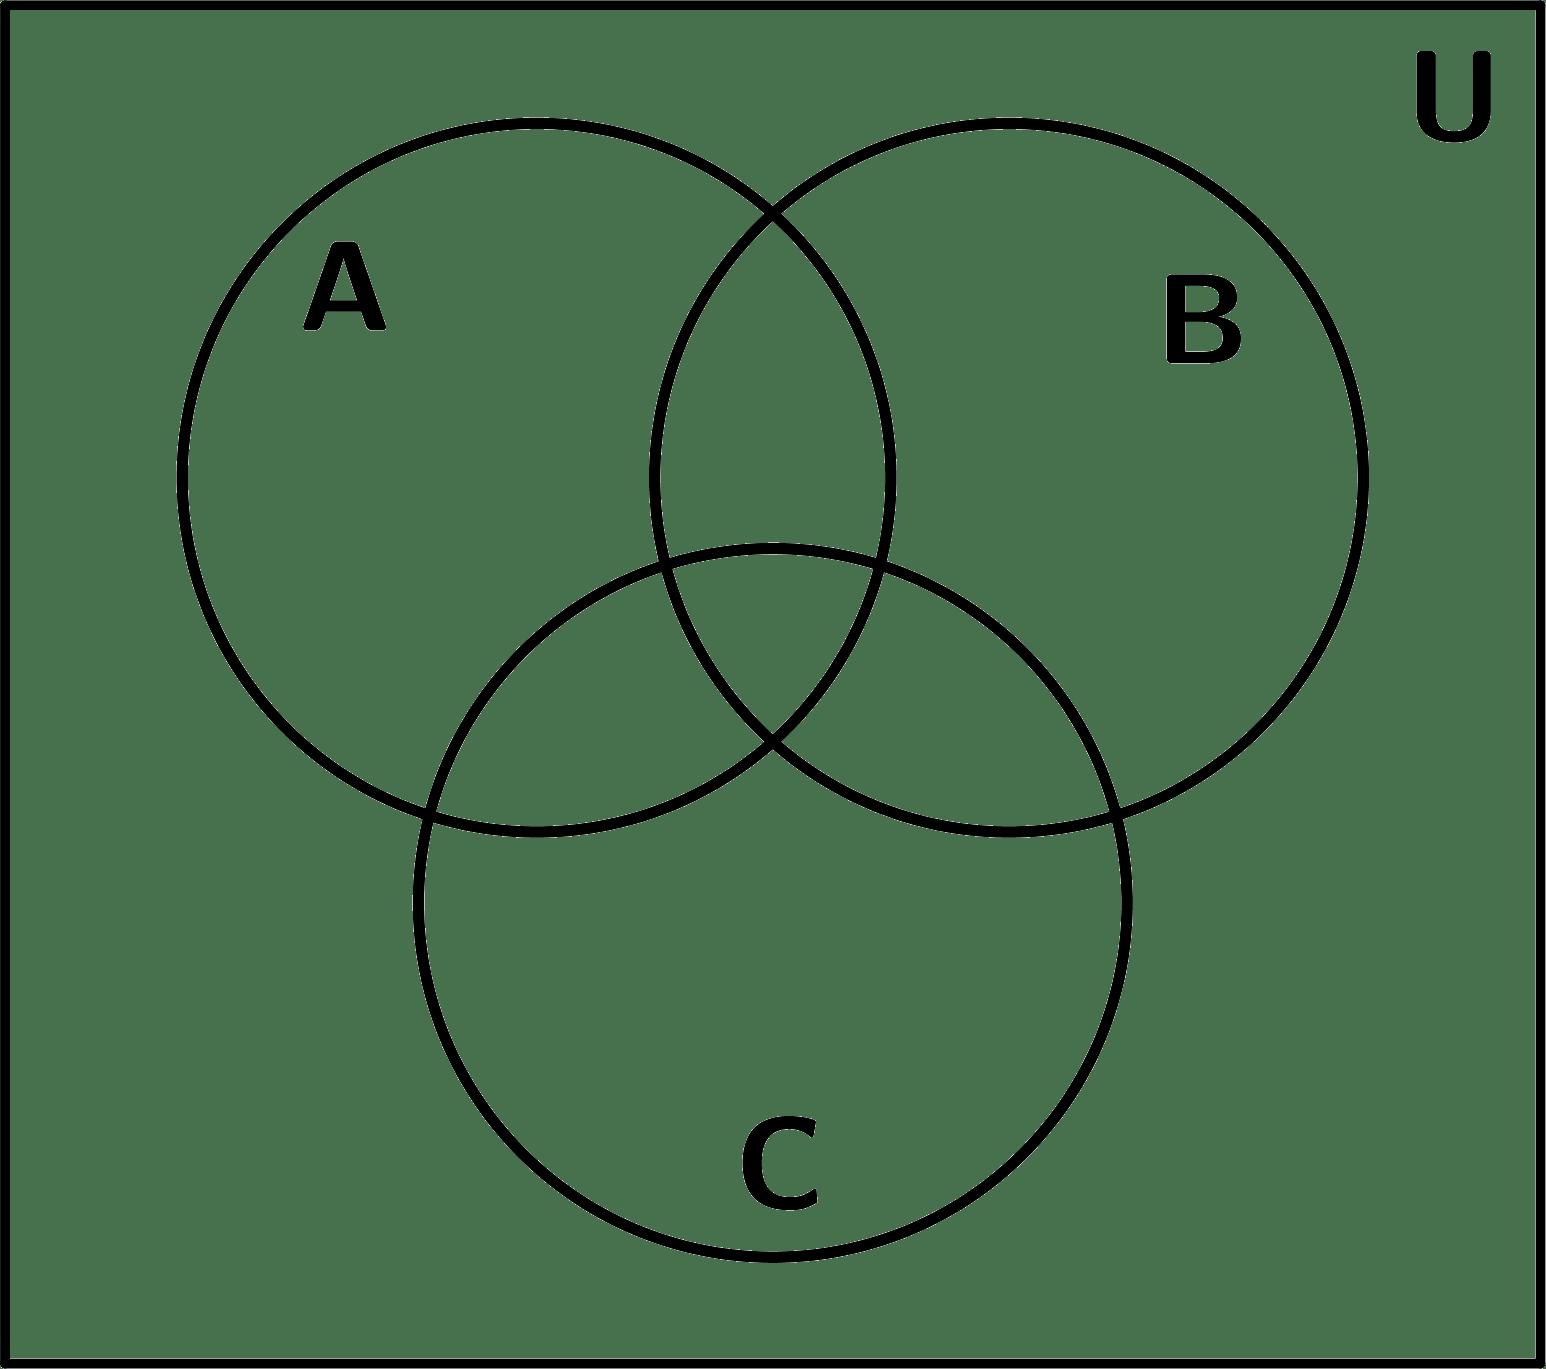 Diagrama De Venn Ejercicios Diagramas De Venn Ejercicios